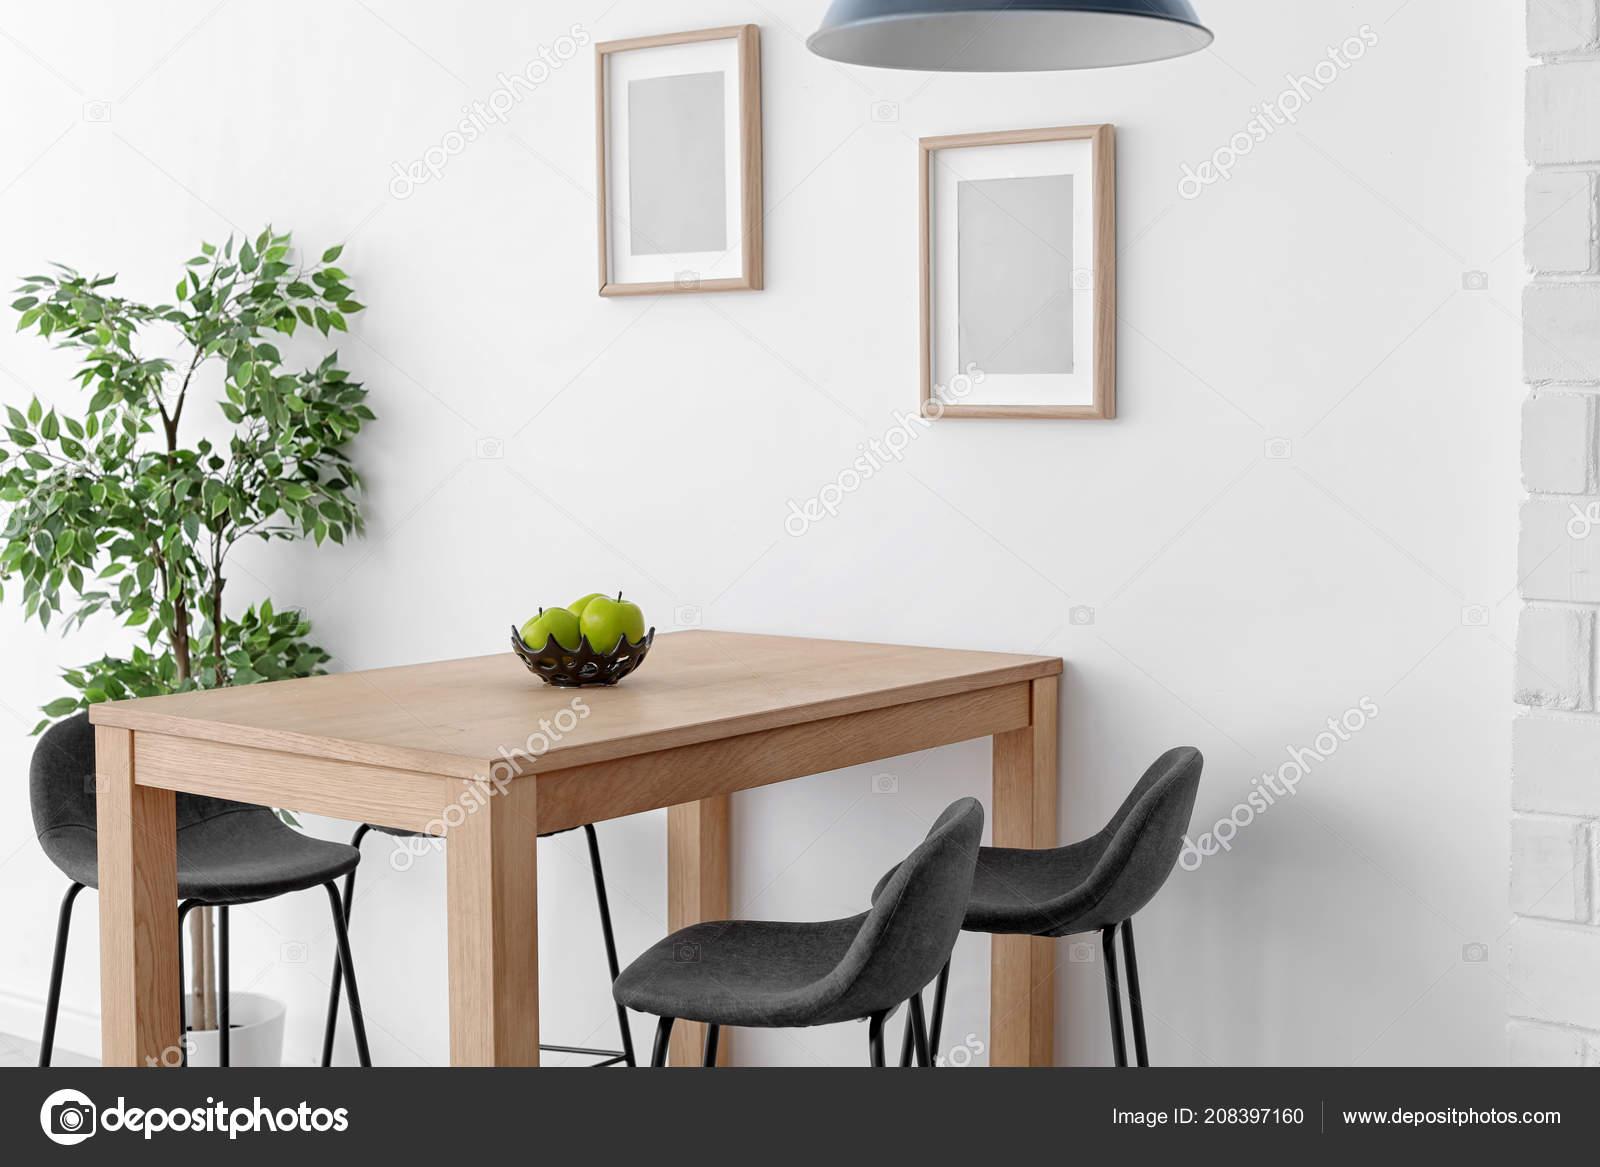 Stilvollen Speisesaal Innen Home Design Idee — Stockfoto ...